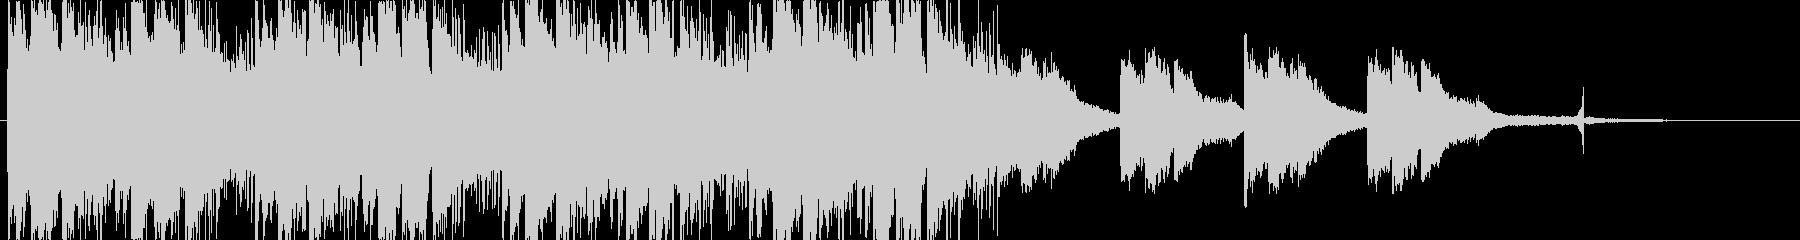 寂しげな雰囲気のエレクトロニカ_bの未再生の波形